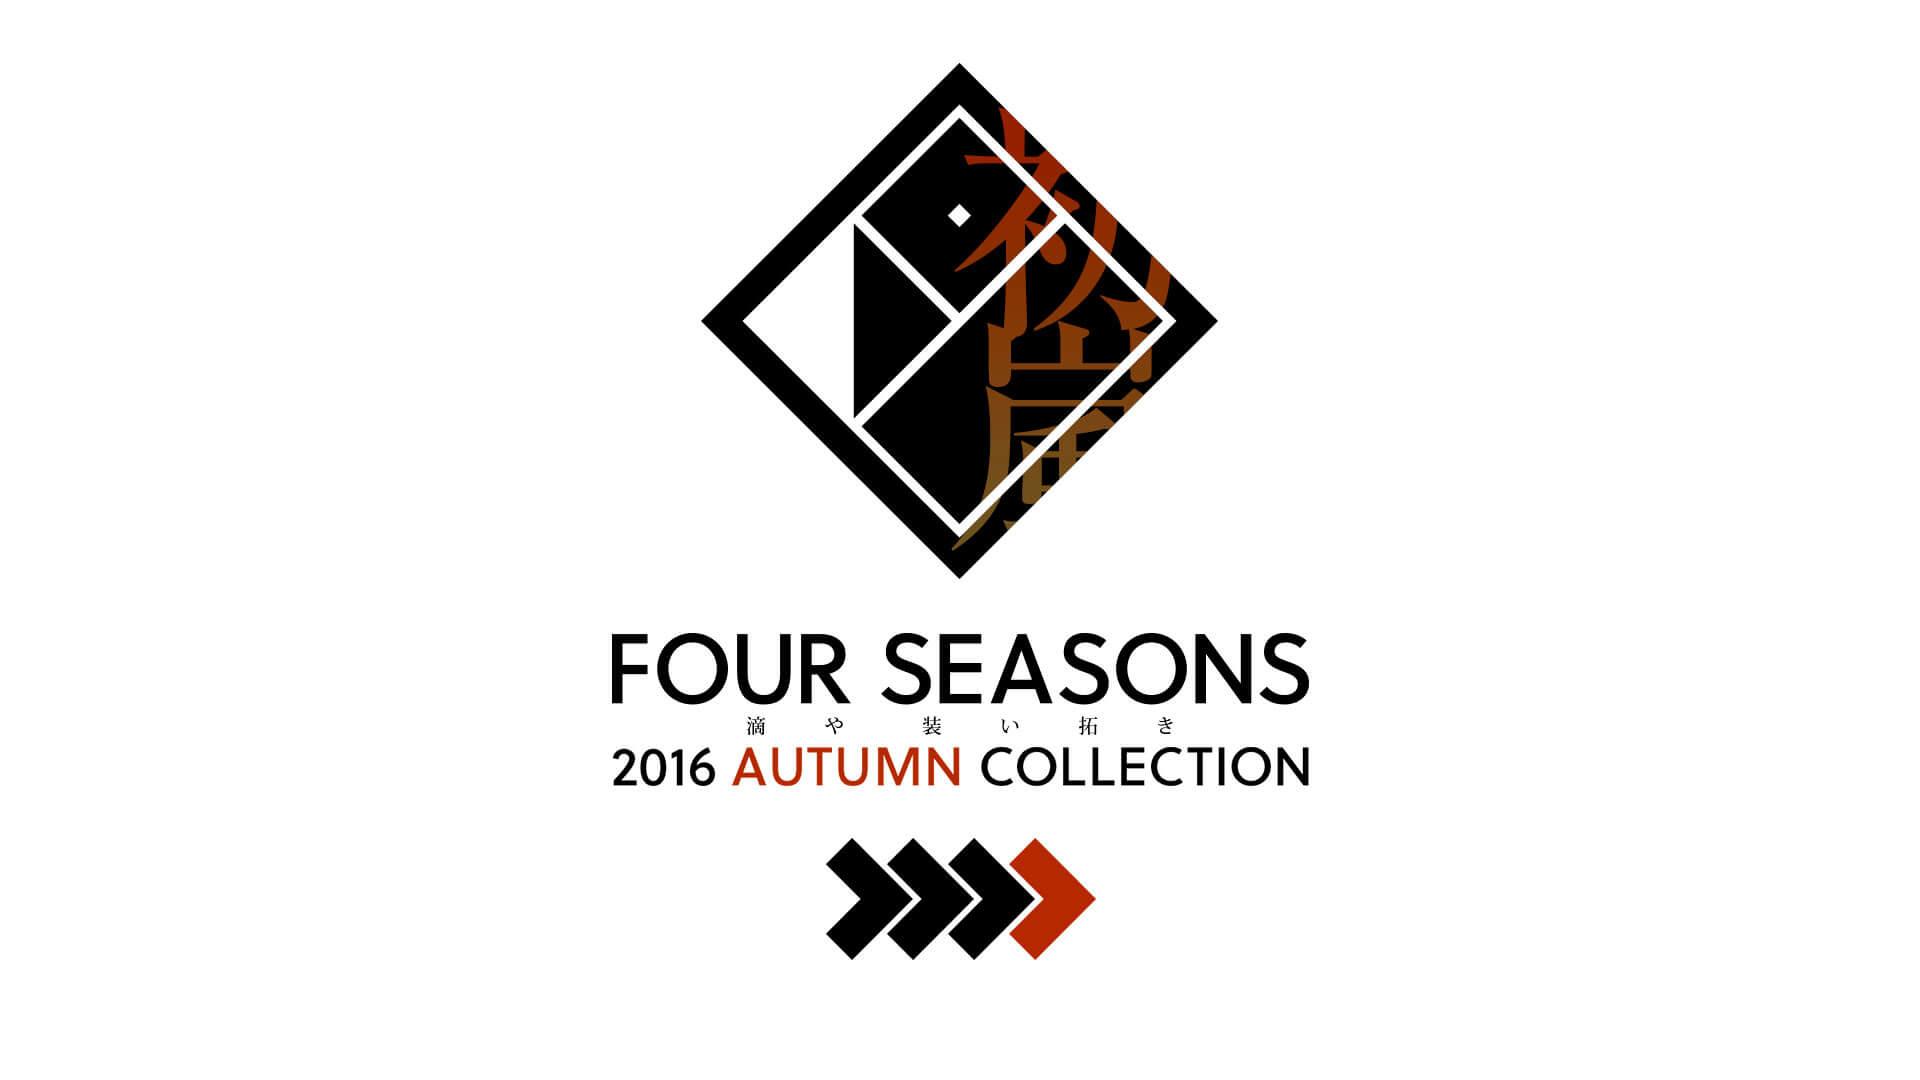 [PHOTO:FOUR SEASONS 2016 AUTUMN COLLECTION]